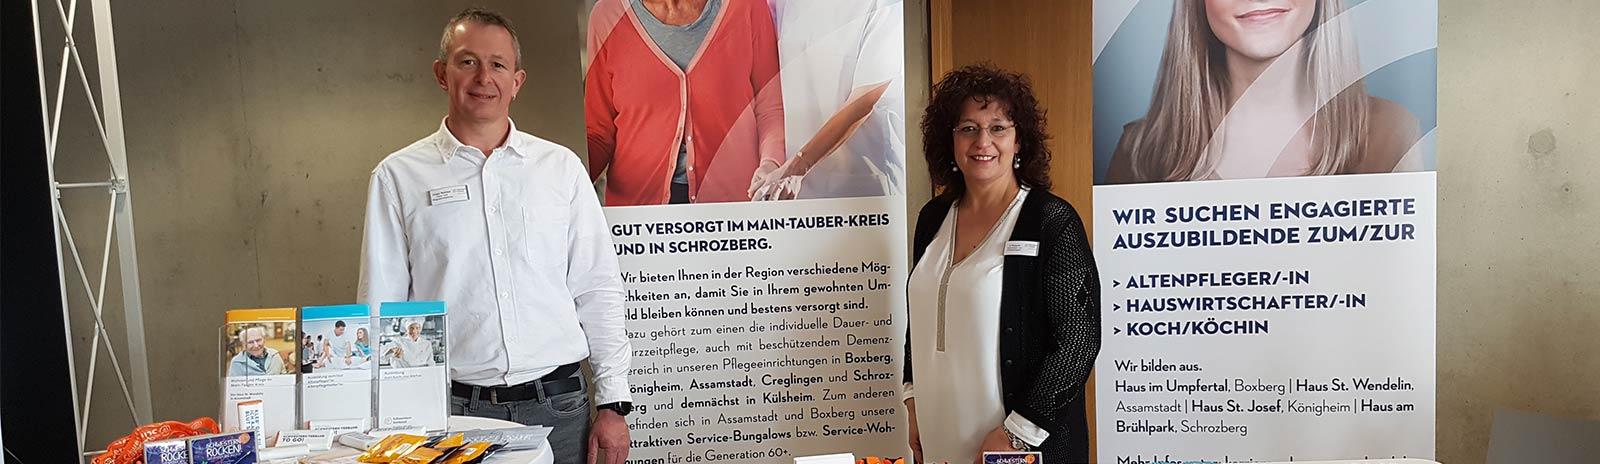 2019_04_16_Messeauftritt_Krautheimer_Frühling_web